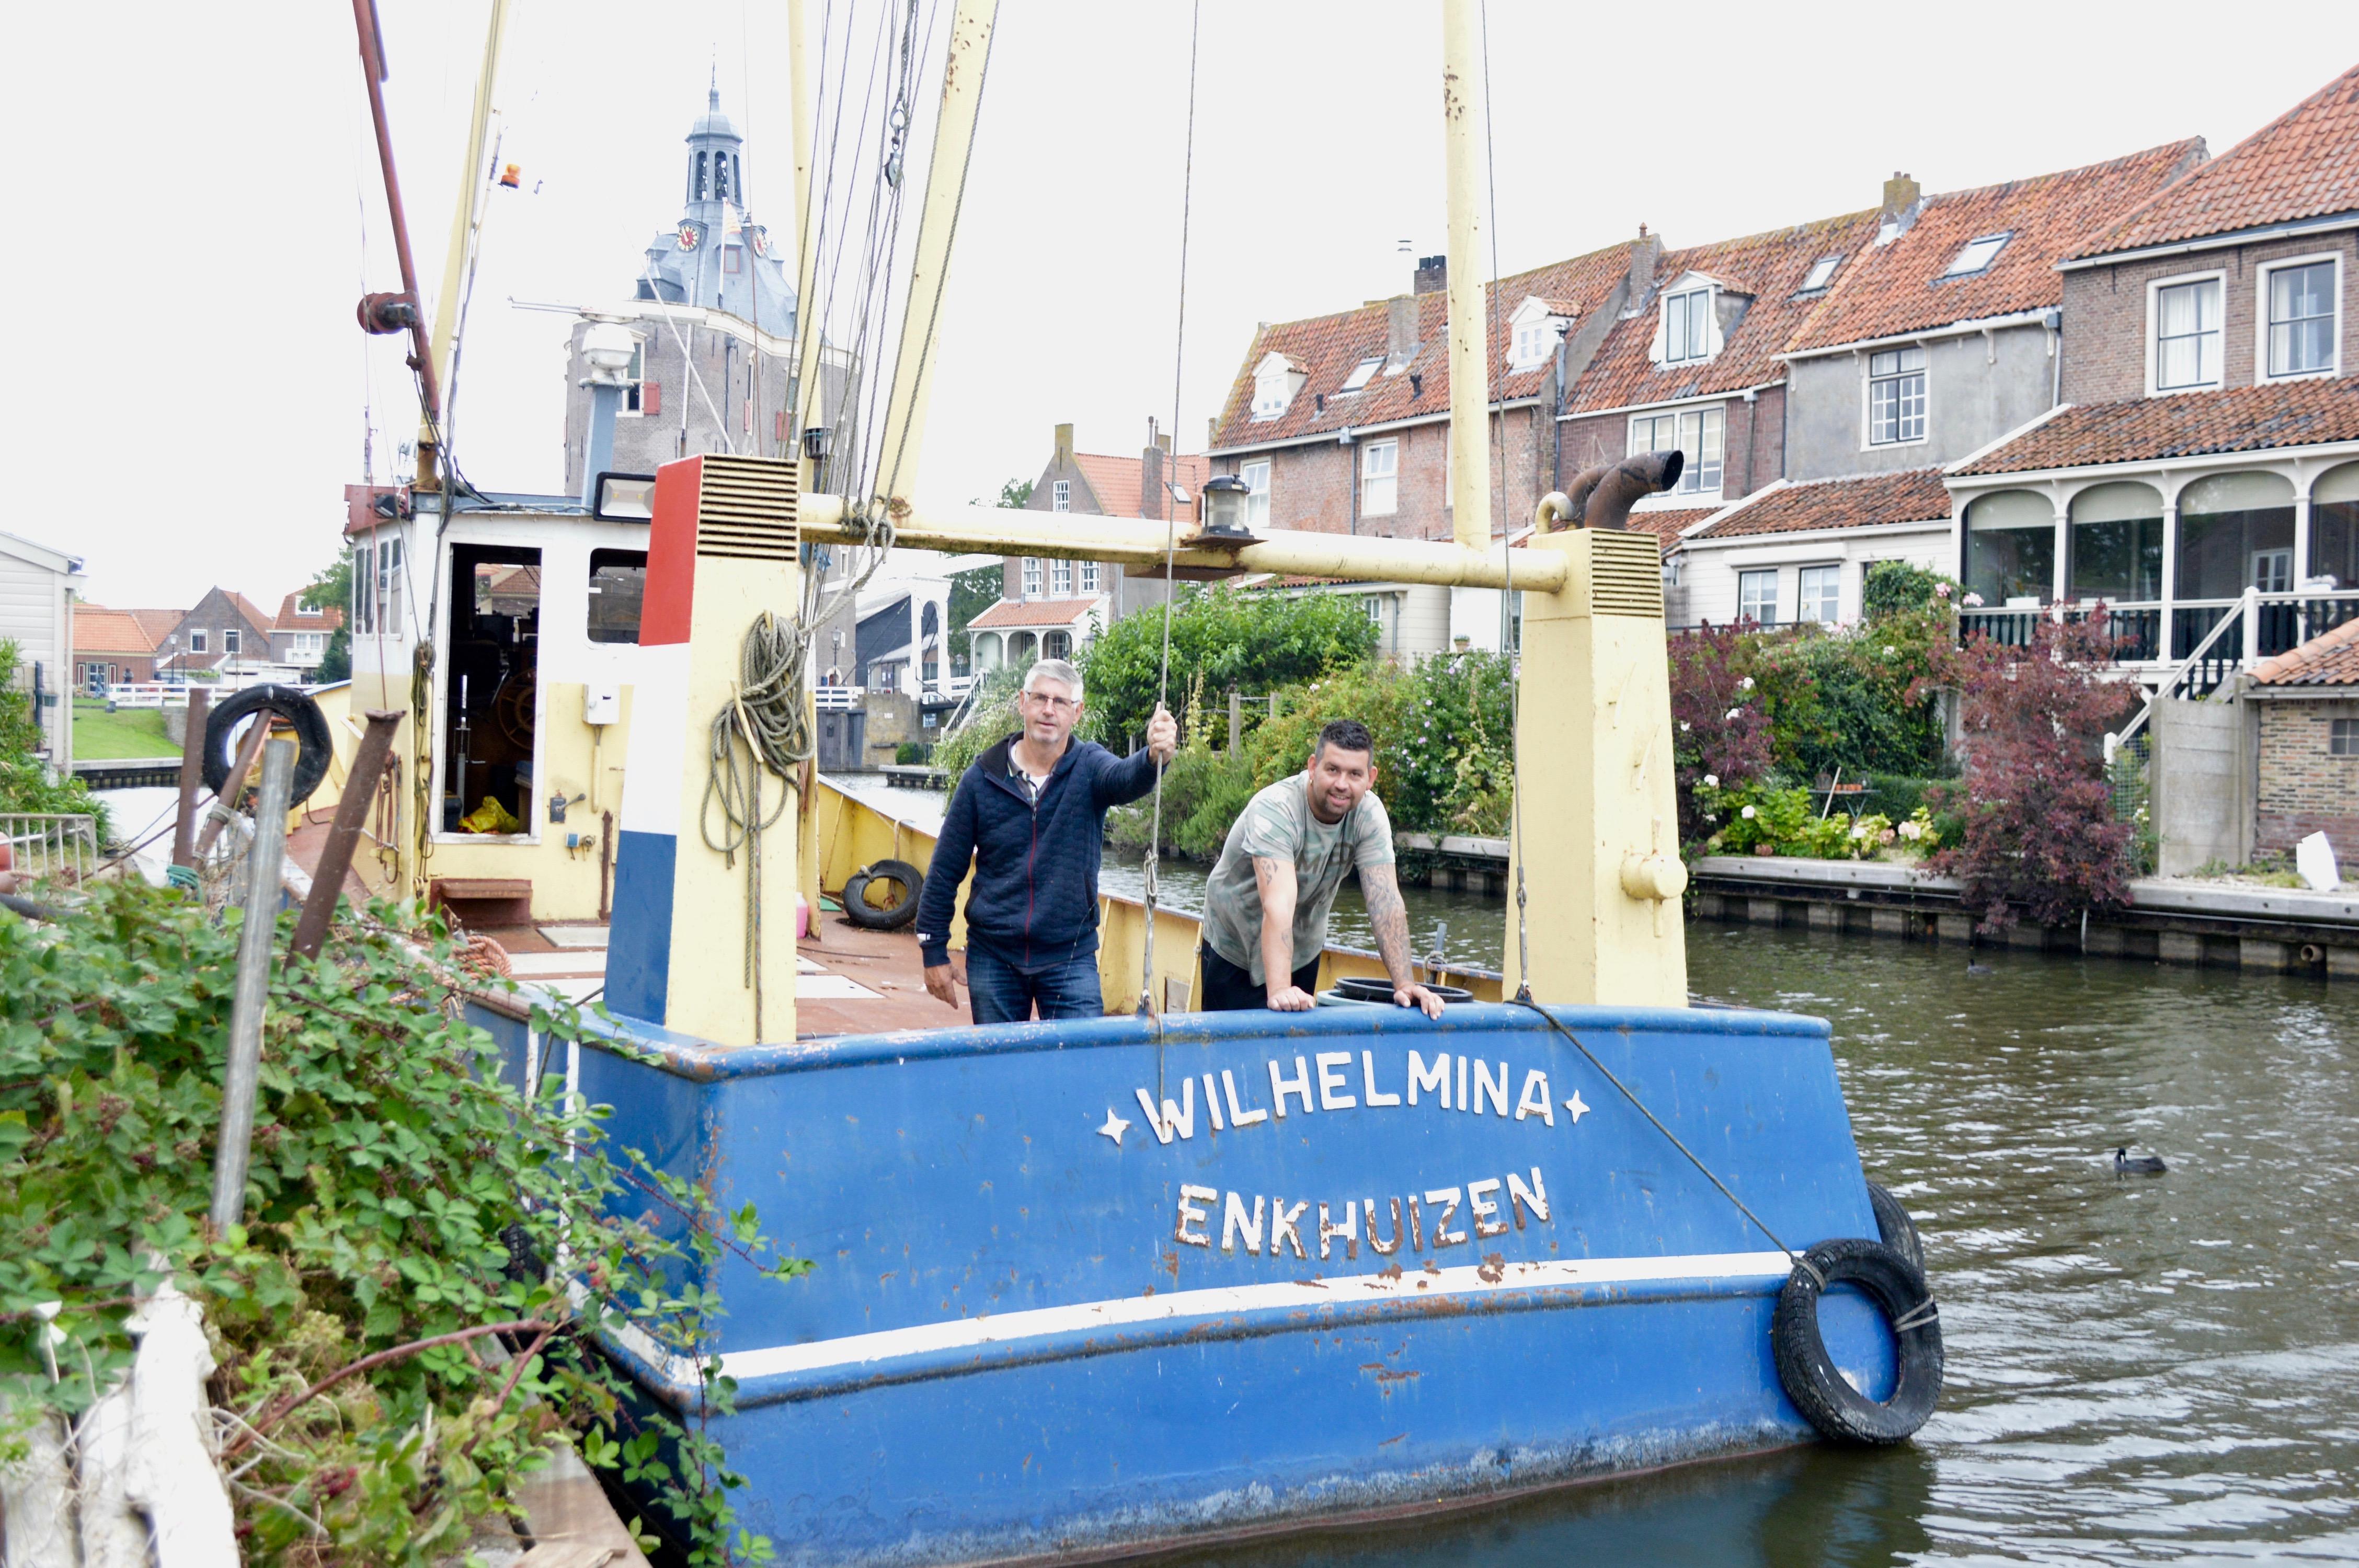 Enkhuizer vissers Gerrit en Corné Buis zeggen IJsselmeervisserij vaarwel en jagen nu op garnalen